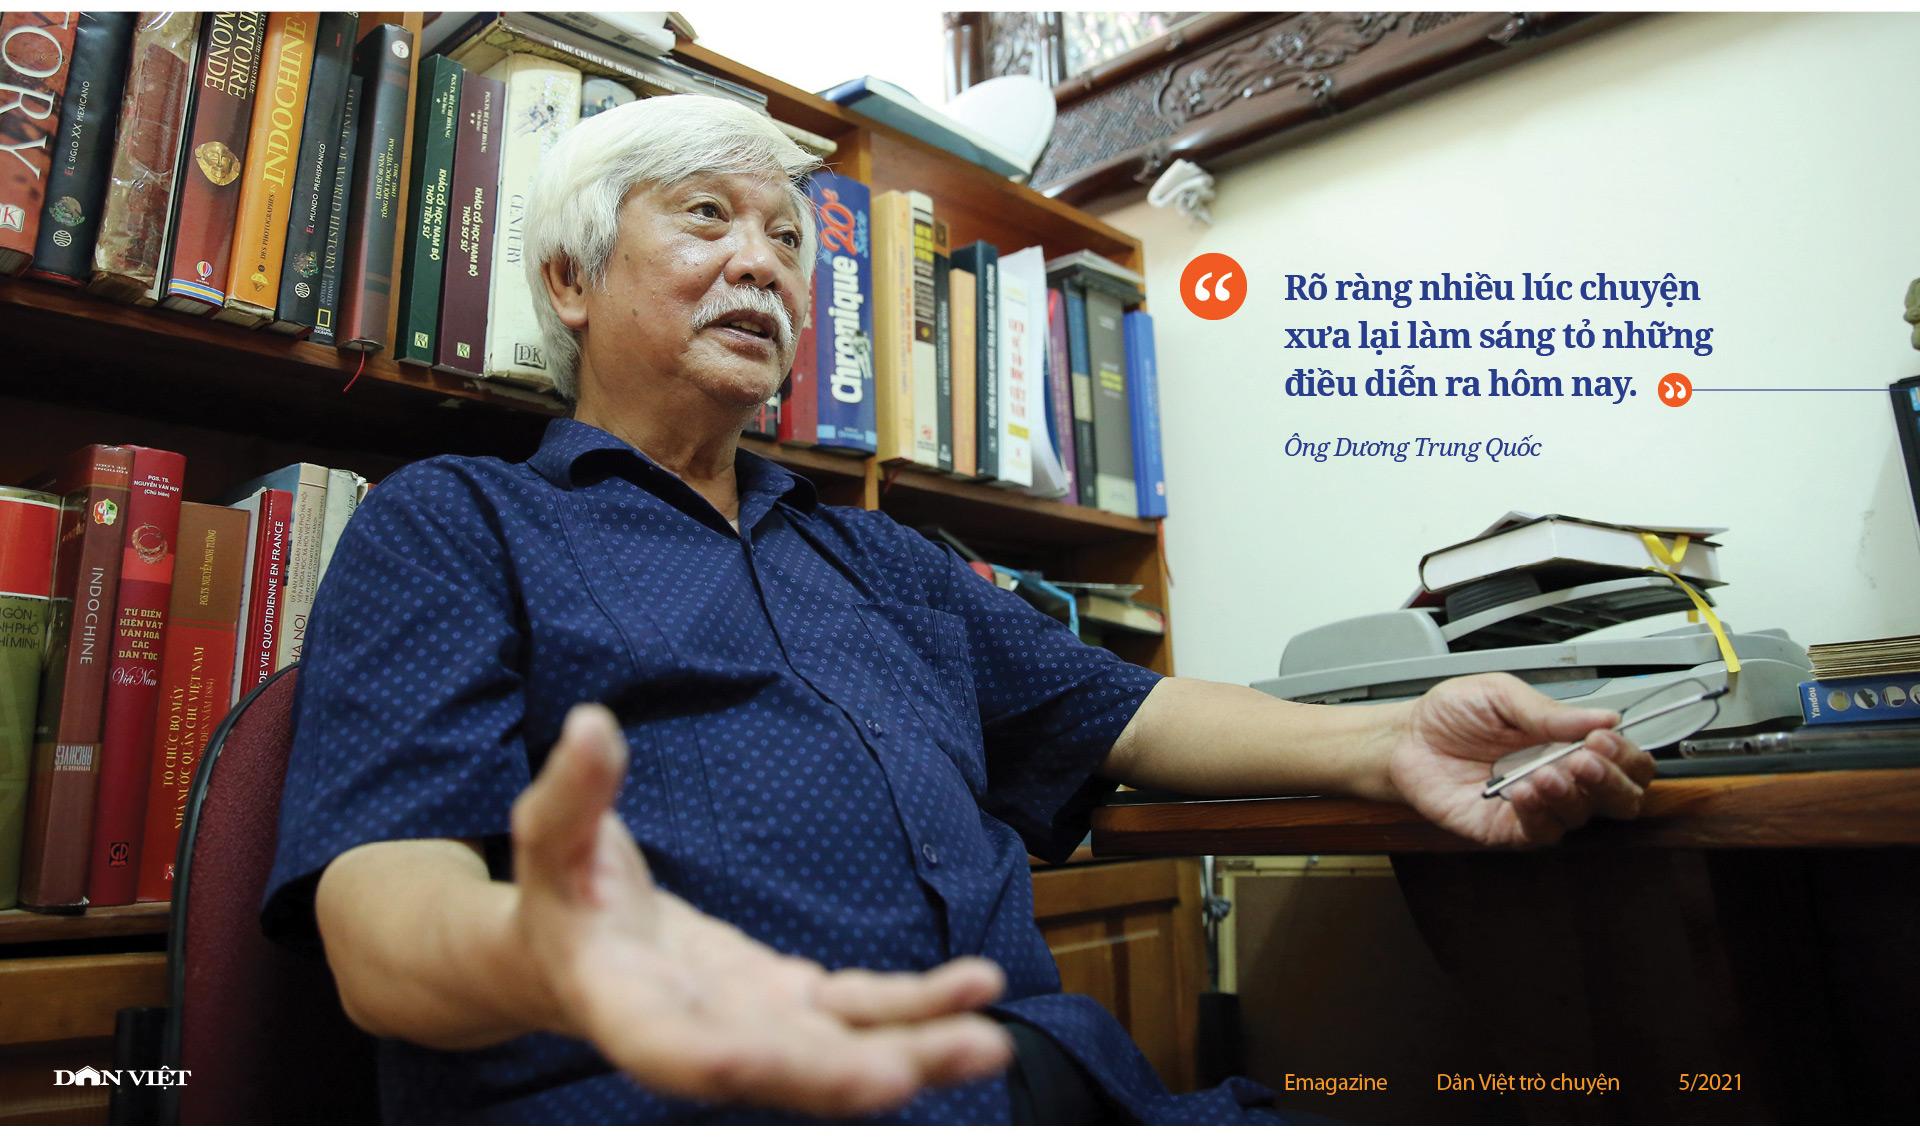 Ông Dương Trung Quốc chia sẻ những chuyện ít người biết sau 20 năm gắn bó nghị trường - Ảnh 16.